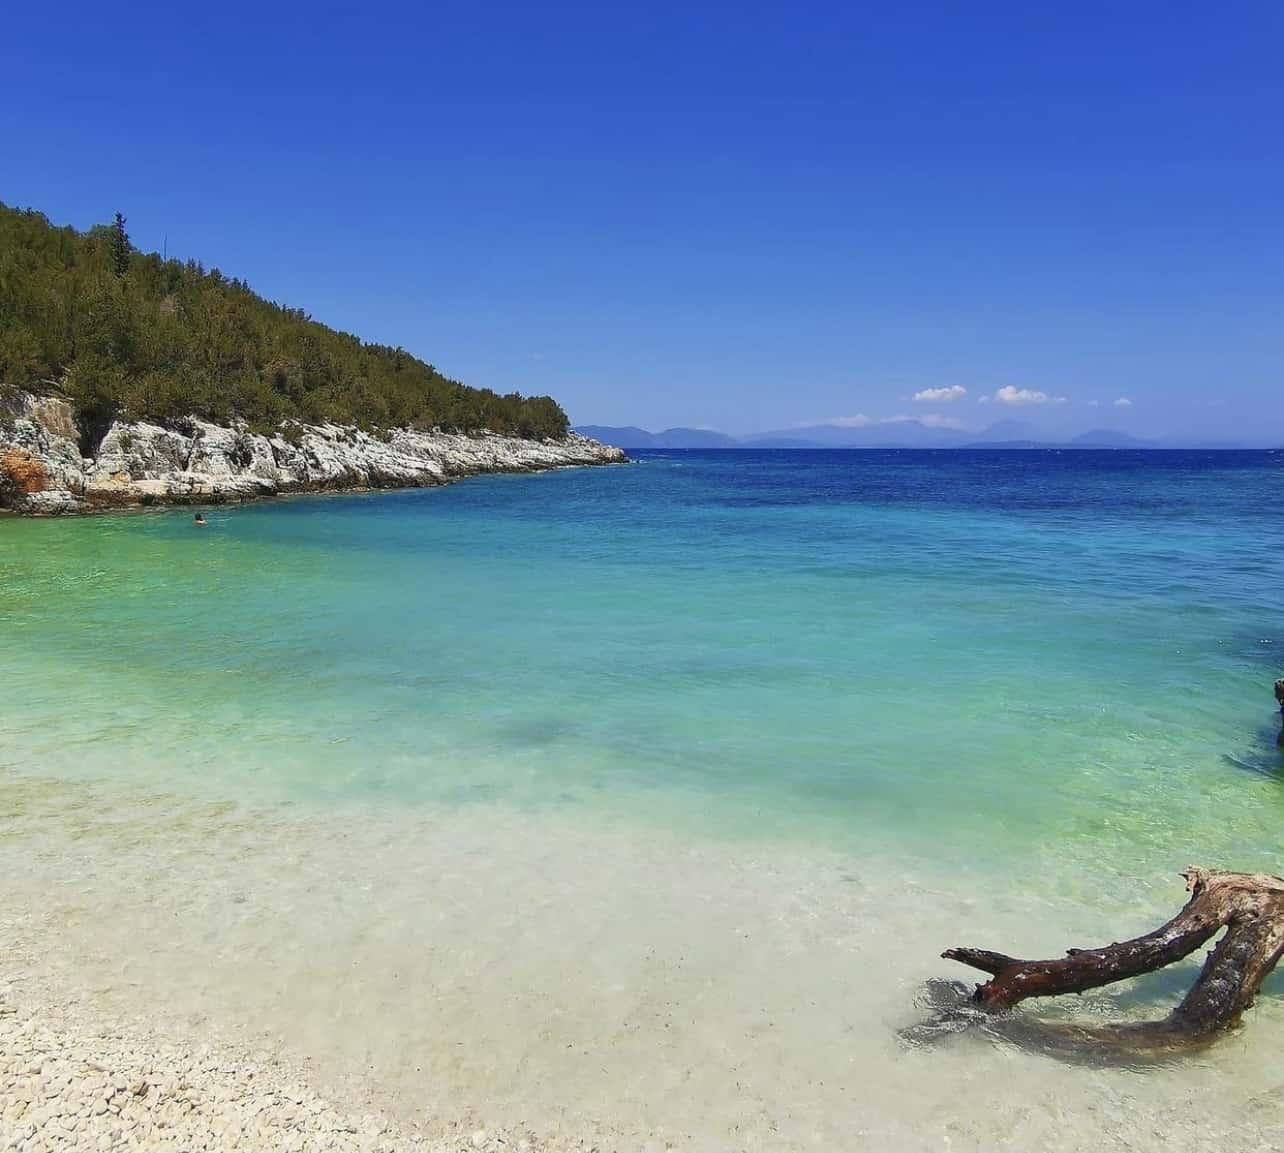 Camelia e Daphnudi a Cefalonia fanno parte della lista delle dieci migliori spiagge appartate d'Europa 8